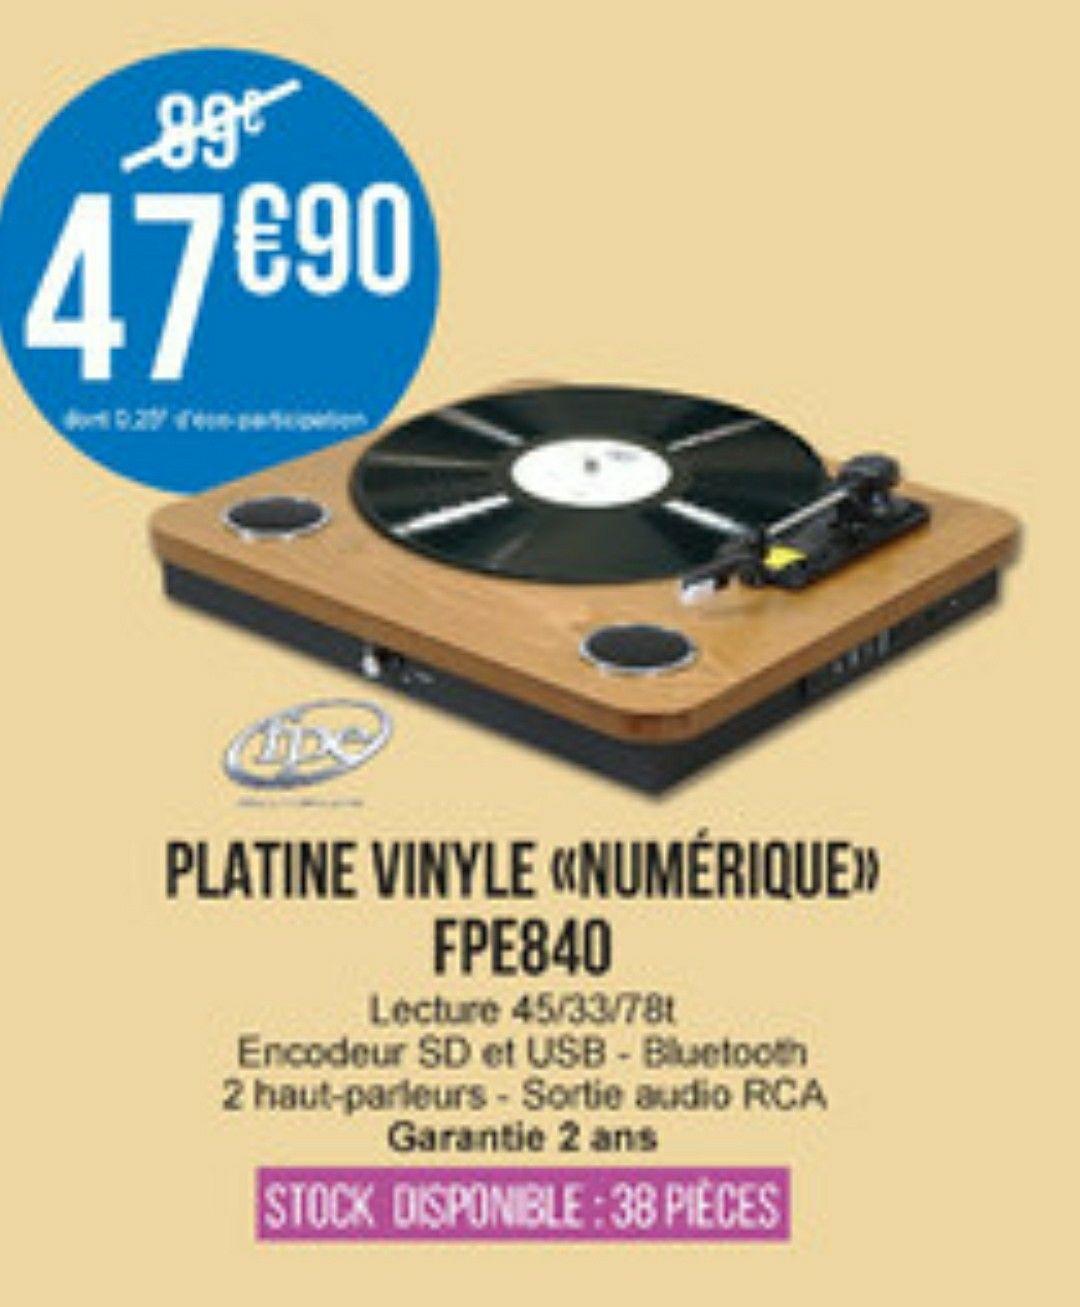 Platine vinyle numerique FPE840 - Saint-Médard-en-Jalles (33)